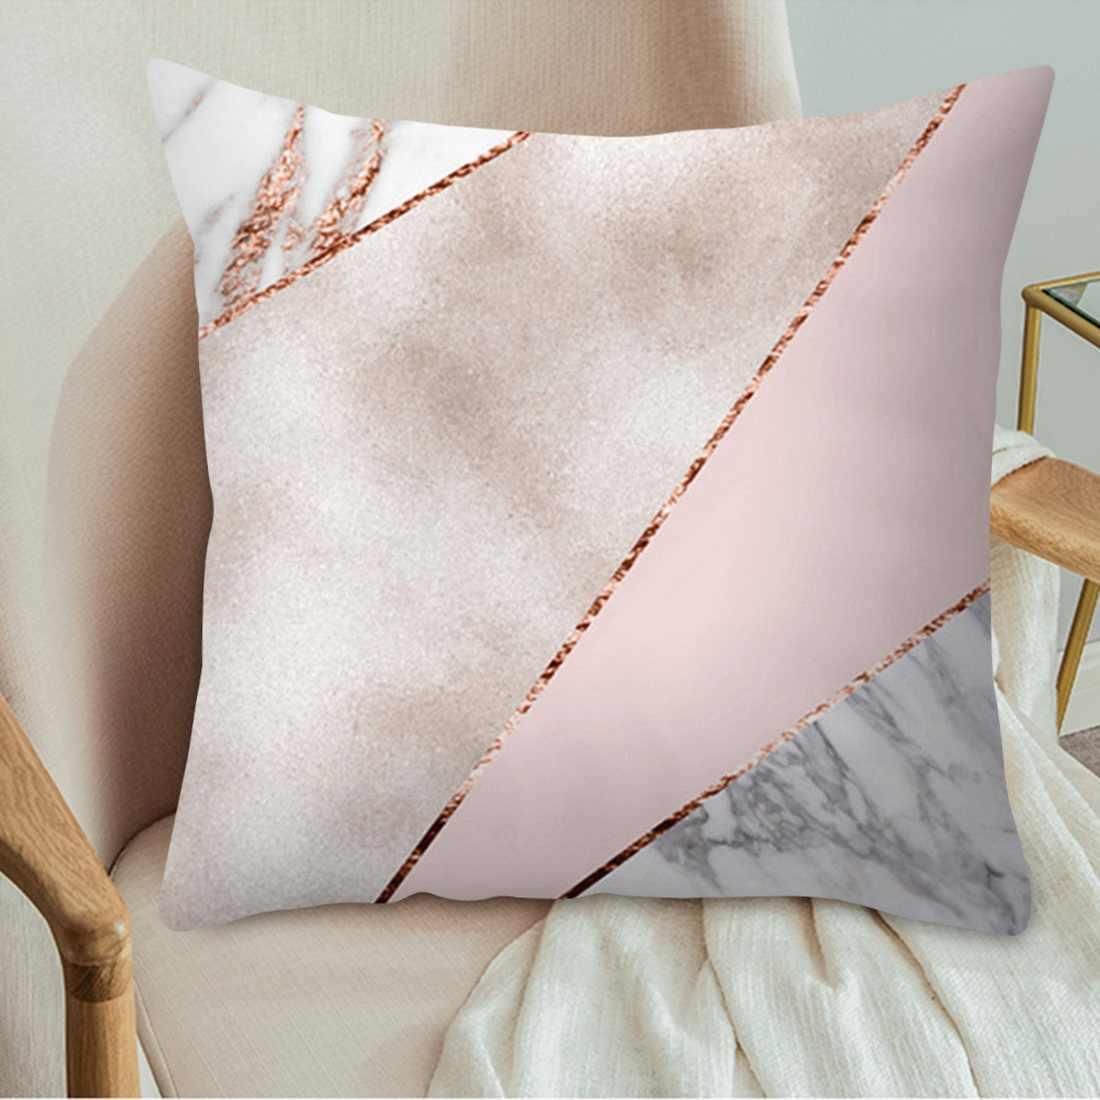 Urijk Pink Lash Geometris Bantal Penutup Nordic Tropic Dicetak Melempar Bantal Cover Poliester Sarung Bantal Sofa Sarung Bantal